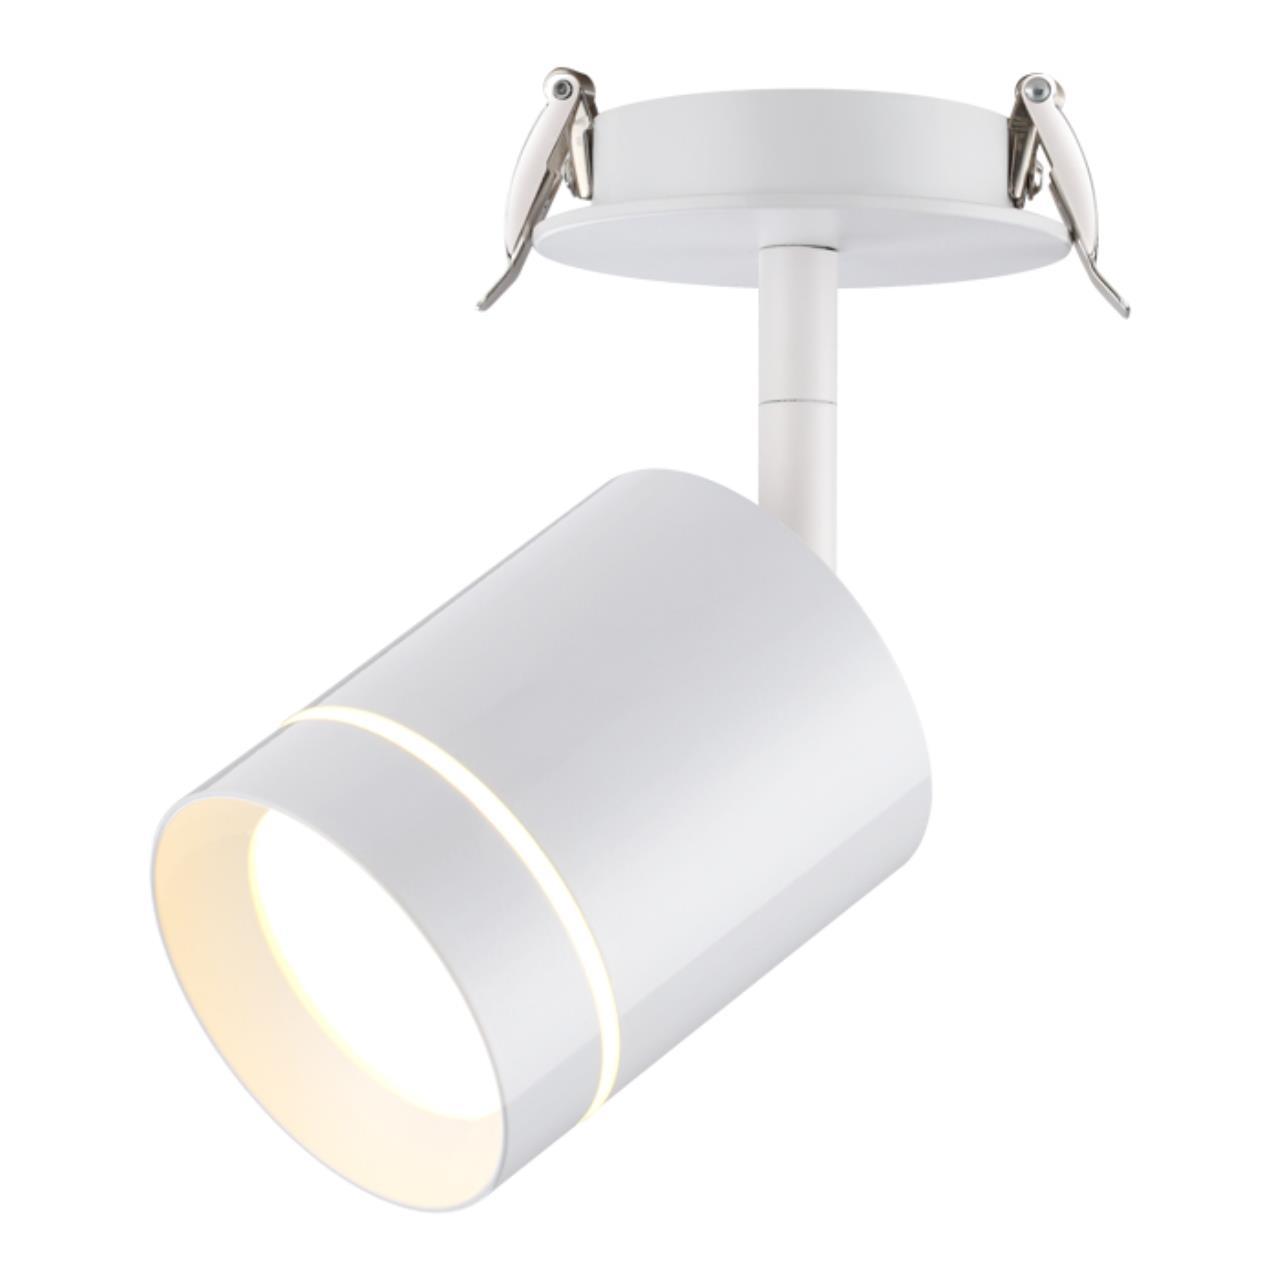 357687 SPOT NT18 071 белый Встраиваемый светильник IP20 LED 3000K 9W 160-265V ARUM